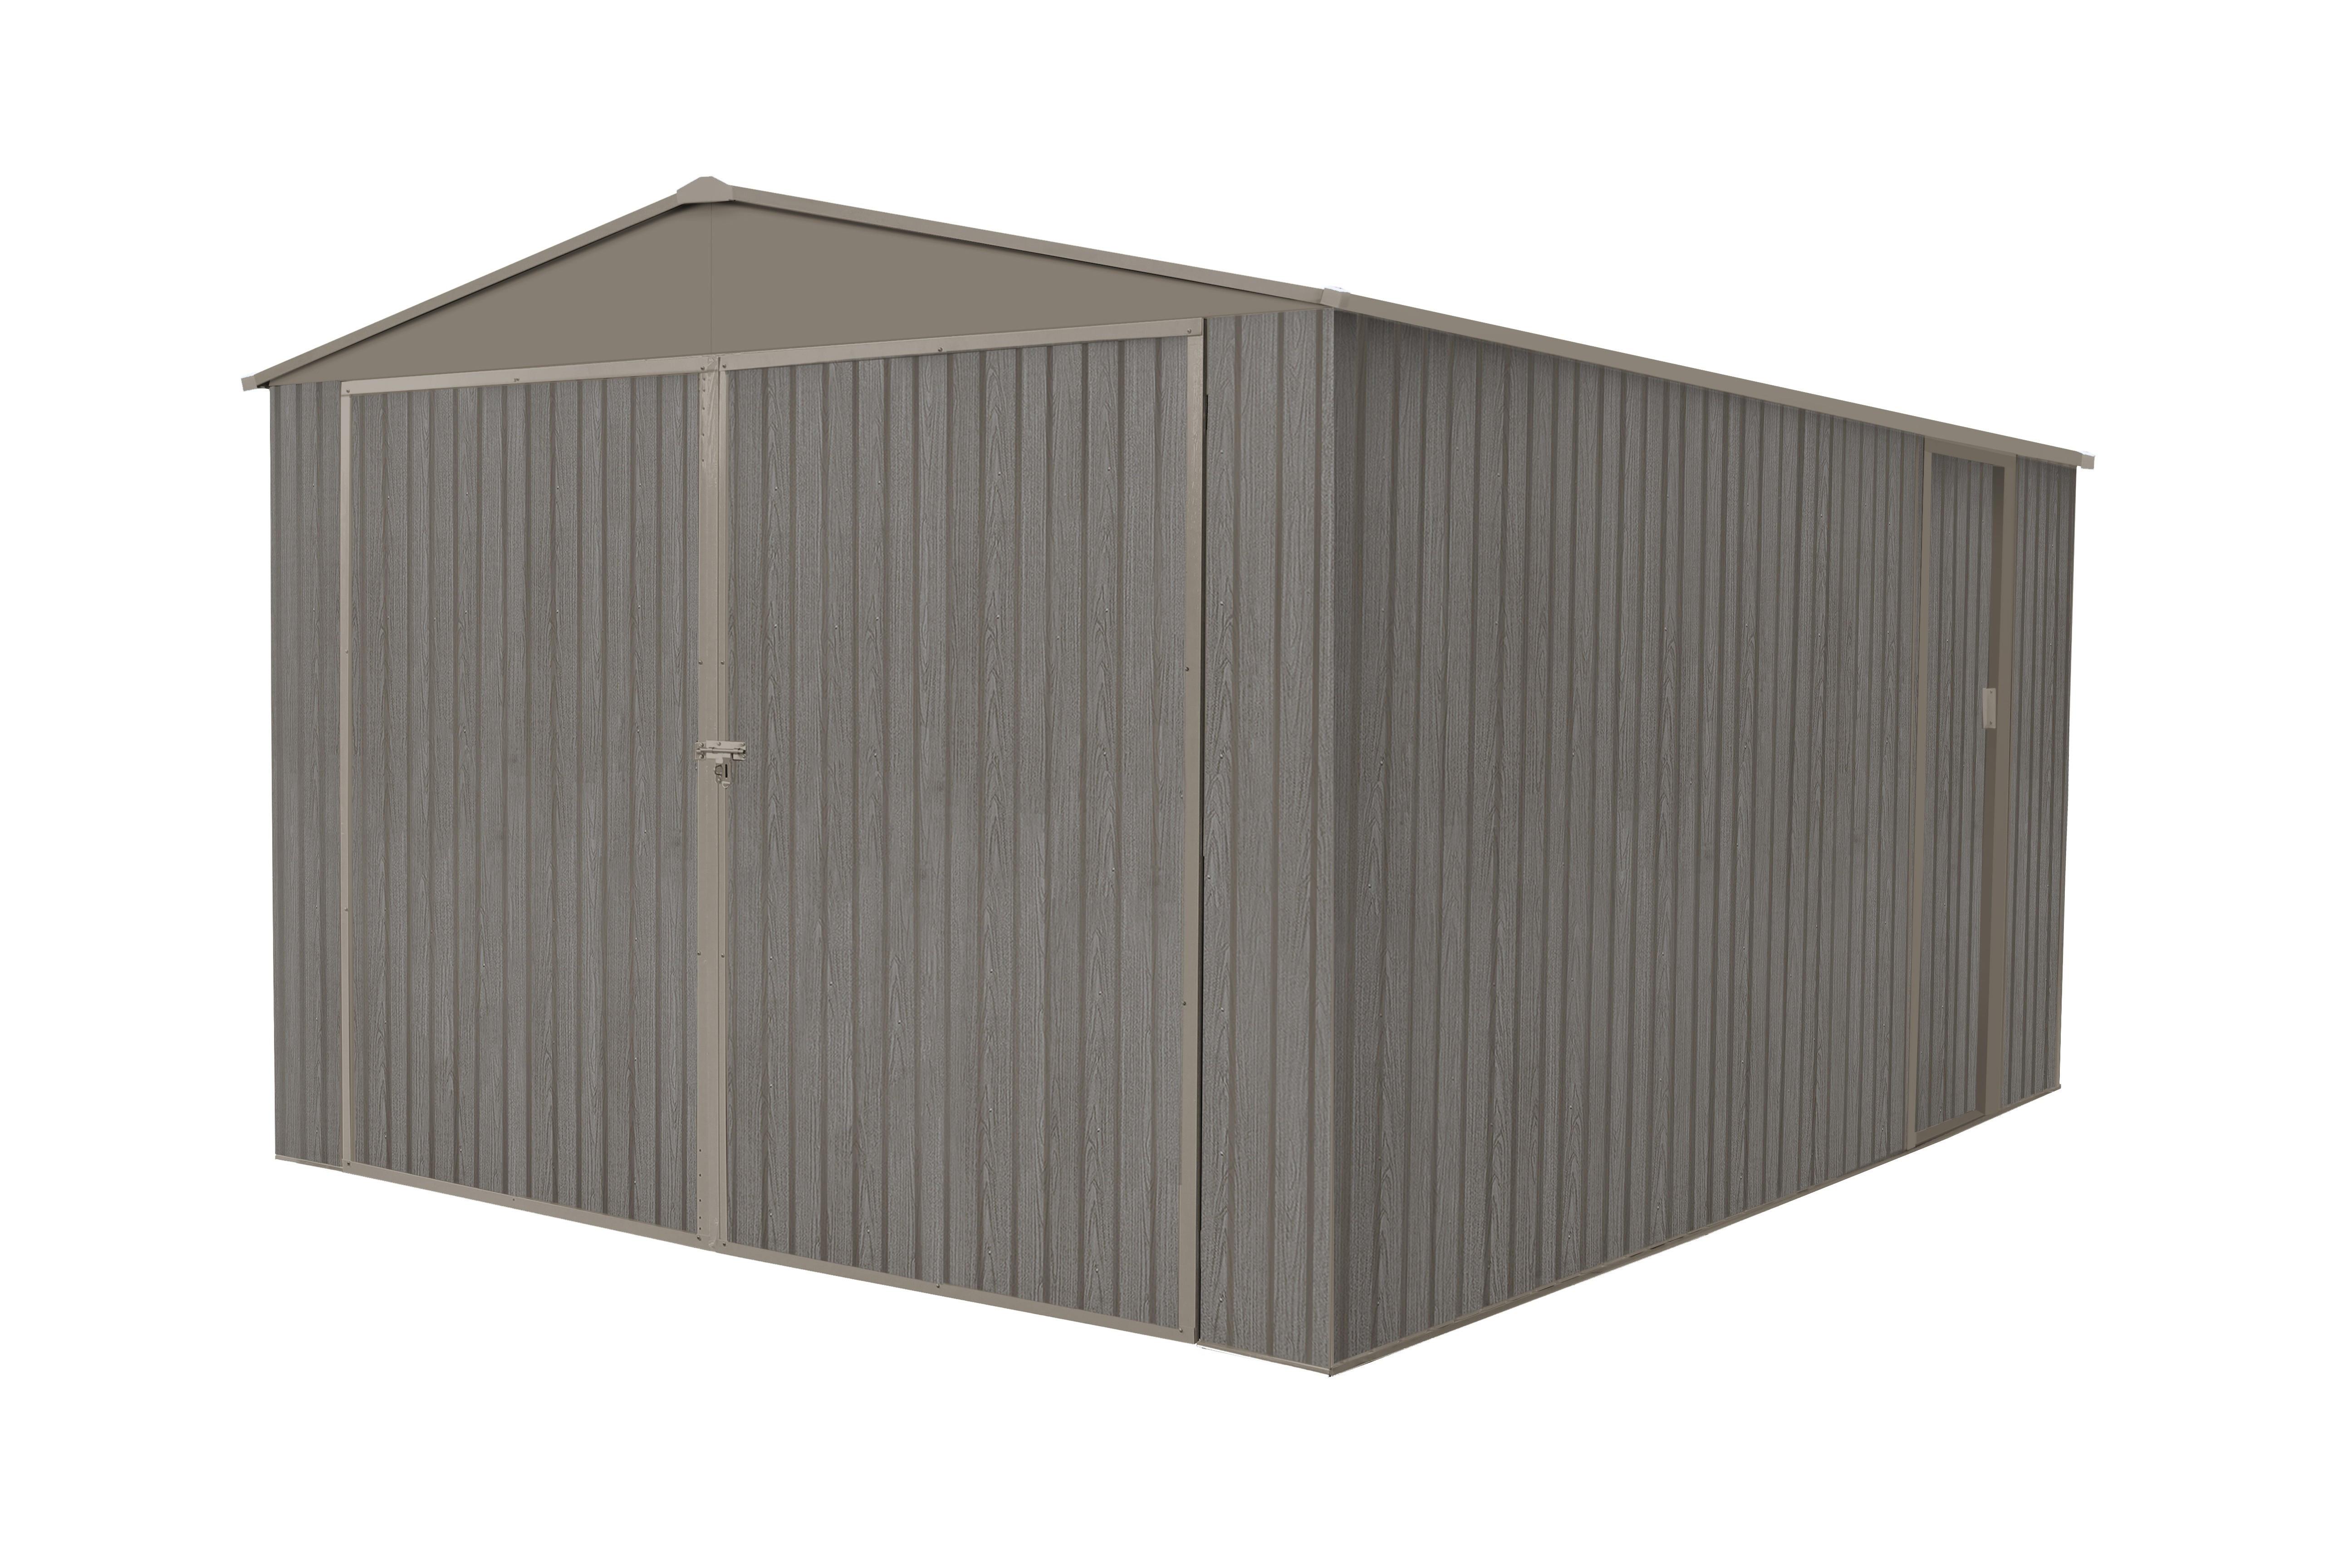 abris de jardin garage meilleures id es pour la conception et l 39 ameublement du jardin. Black Bedroom Furniture Sets. Home Design Ideas